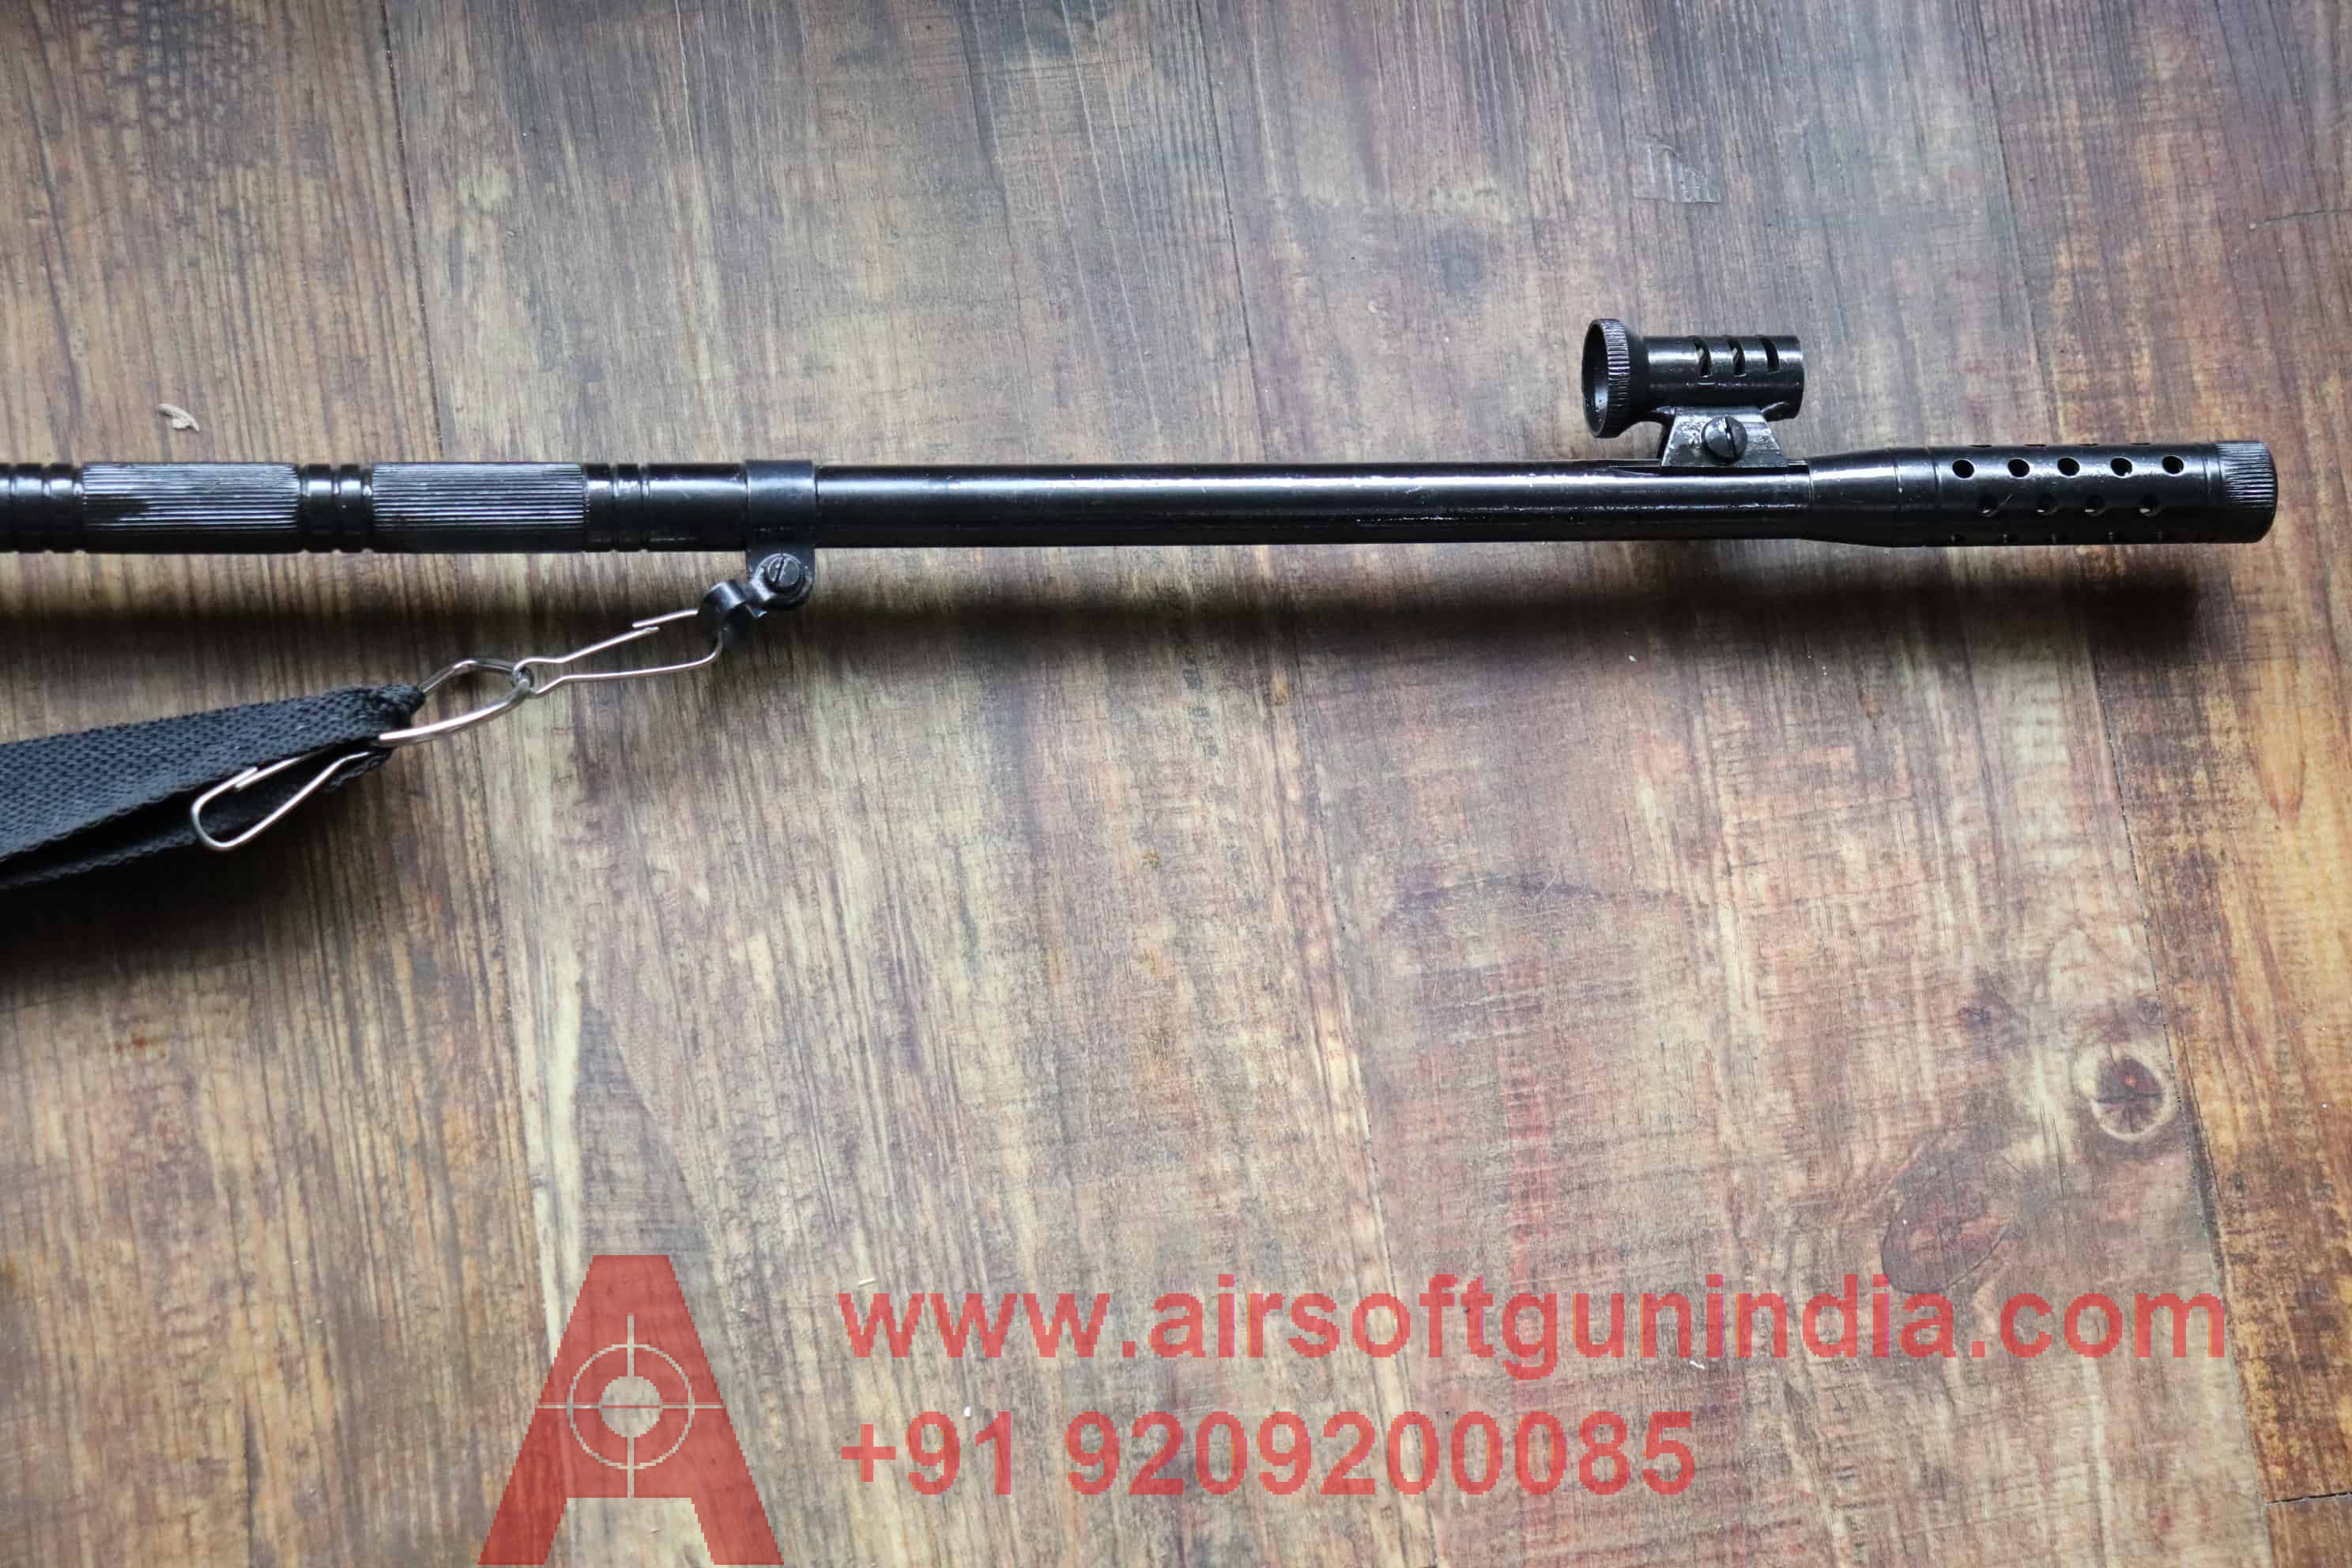 65 SPORTS AIR RIFLE BY AIRSOFT GUN INDIA